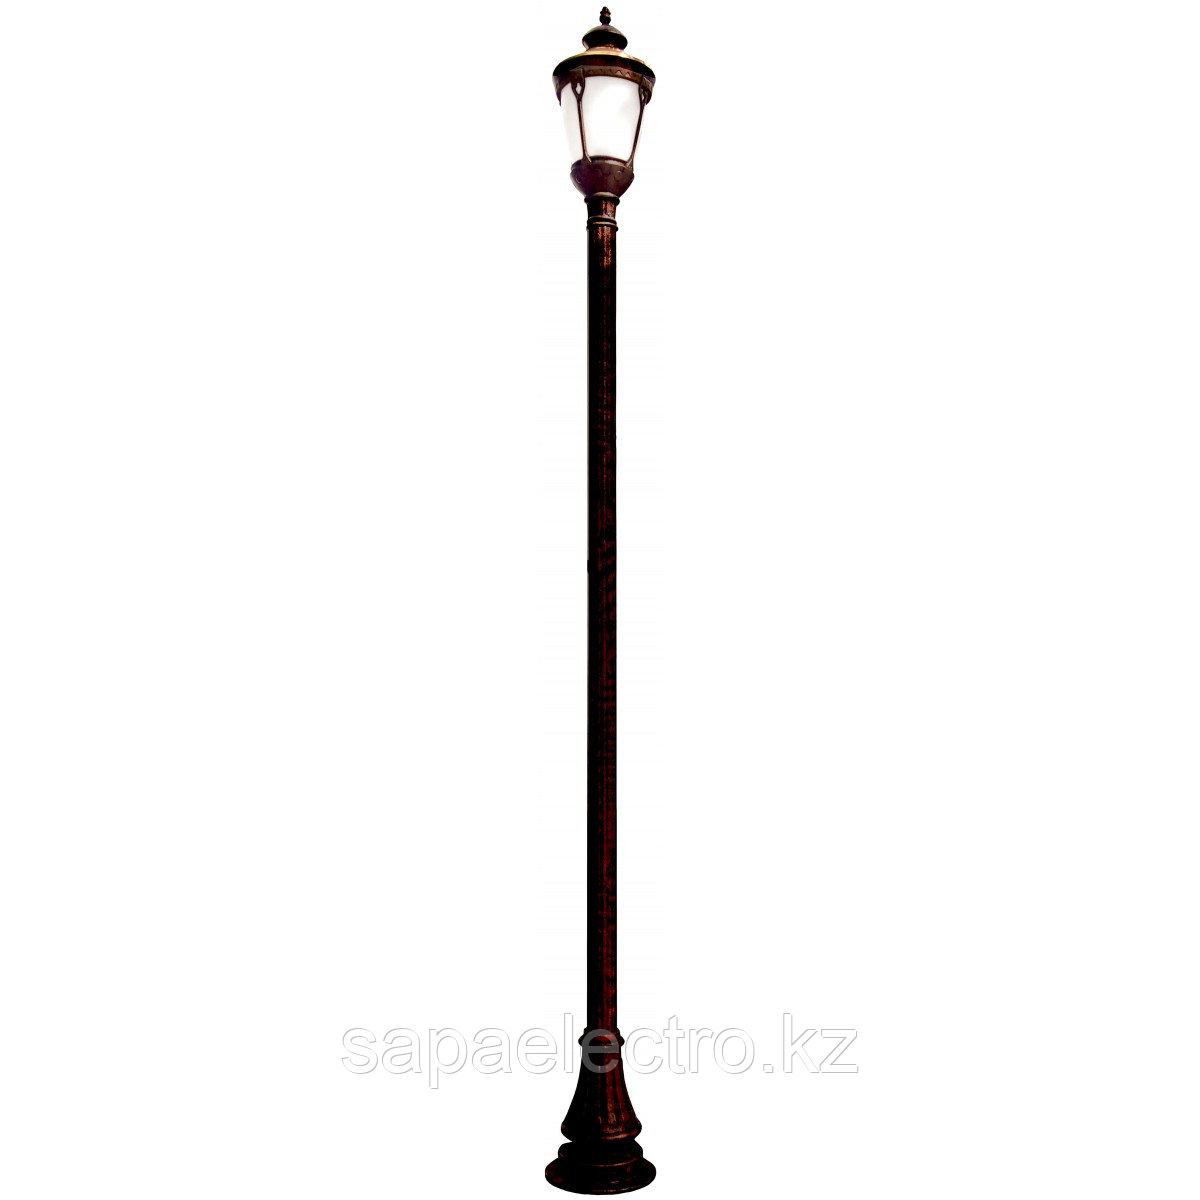 SARAYLI Труба (широкая+узкая)+ножка 5597  H-2,63м (